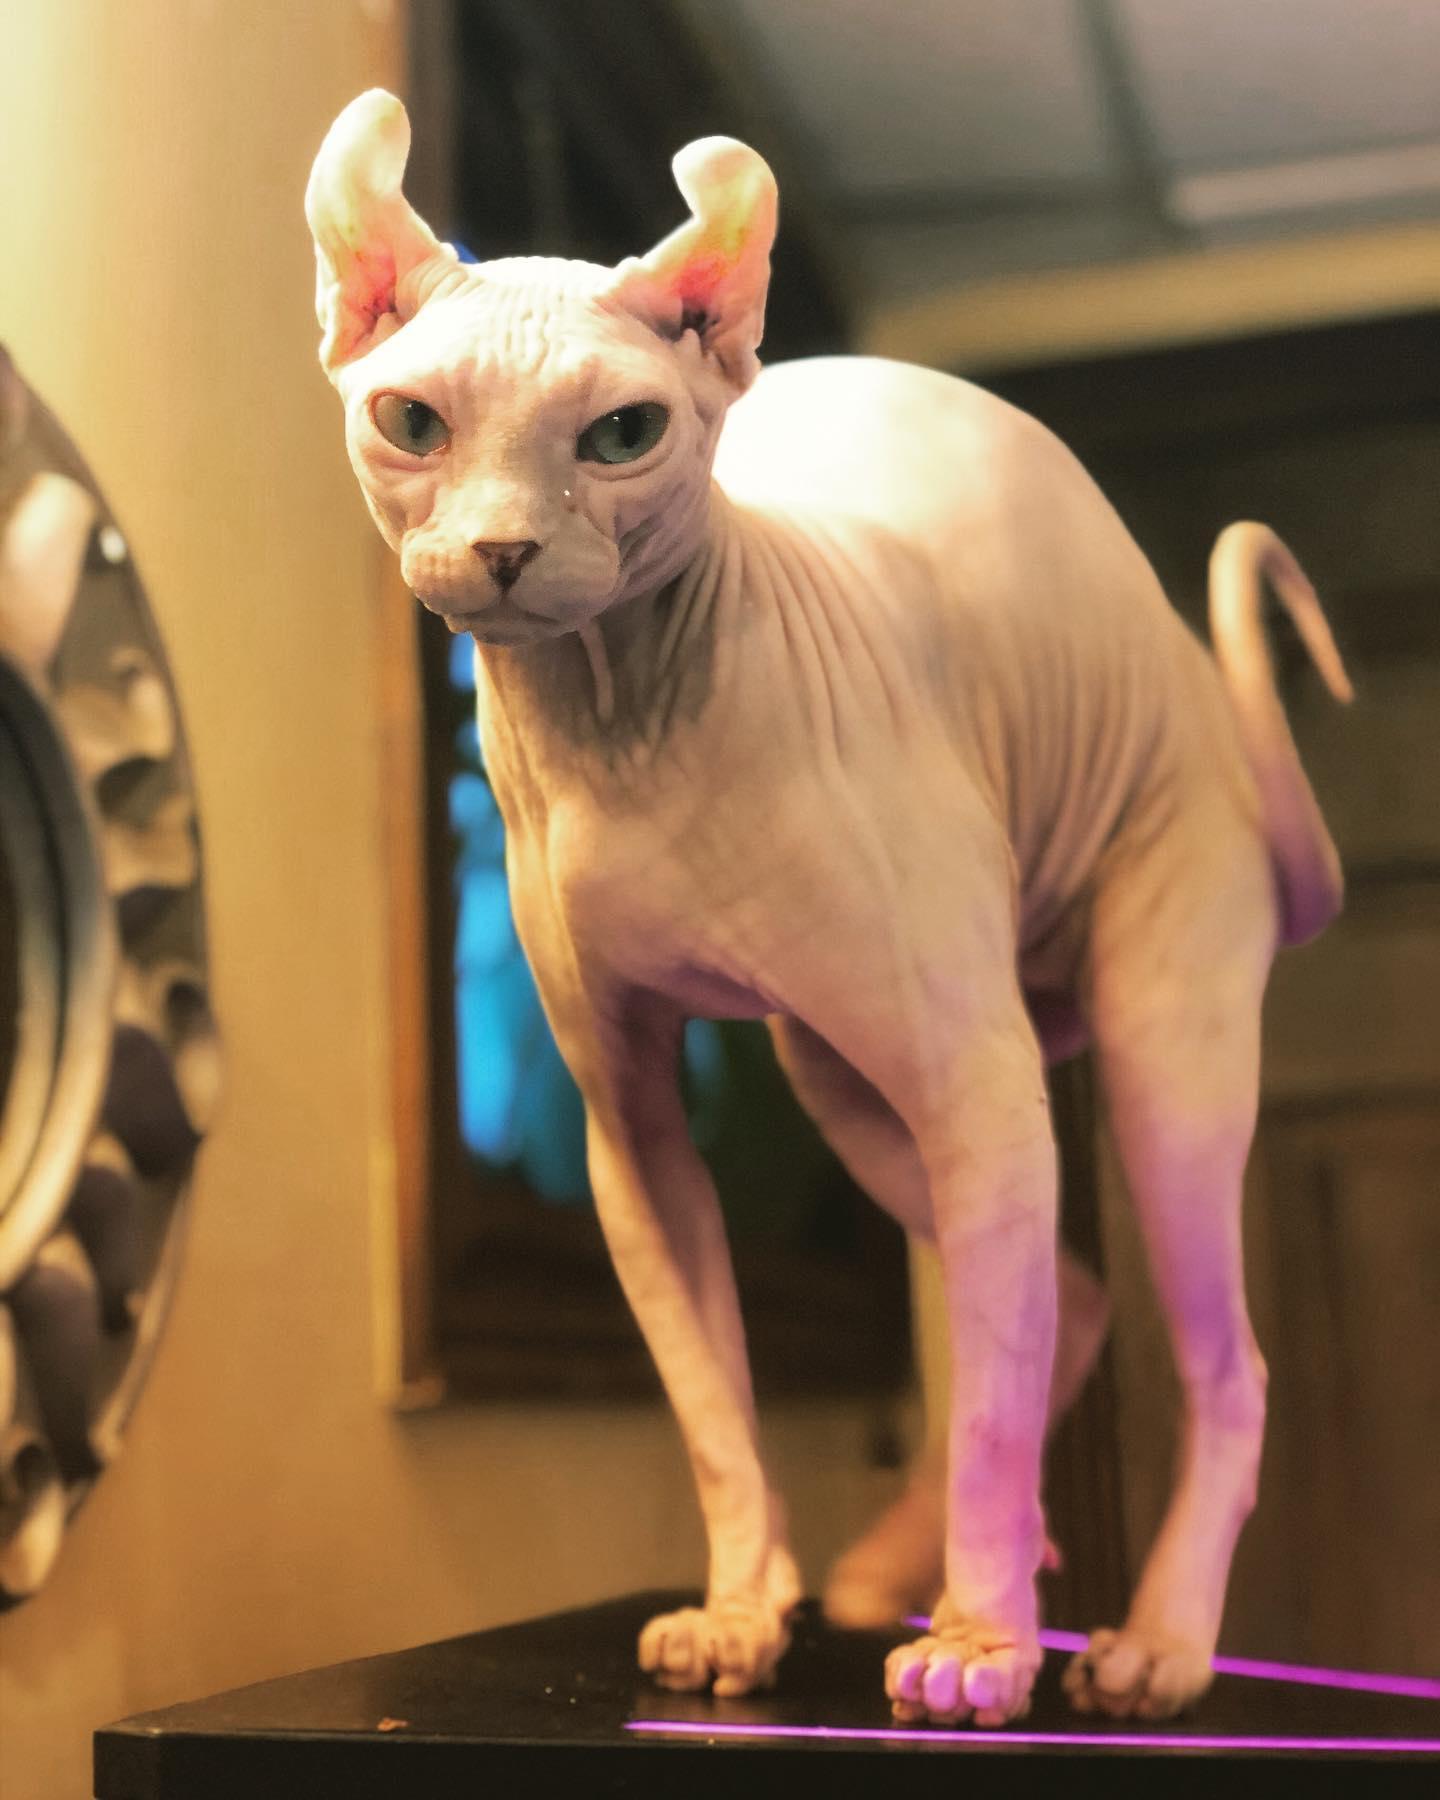 Tall cat